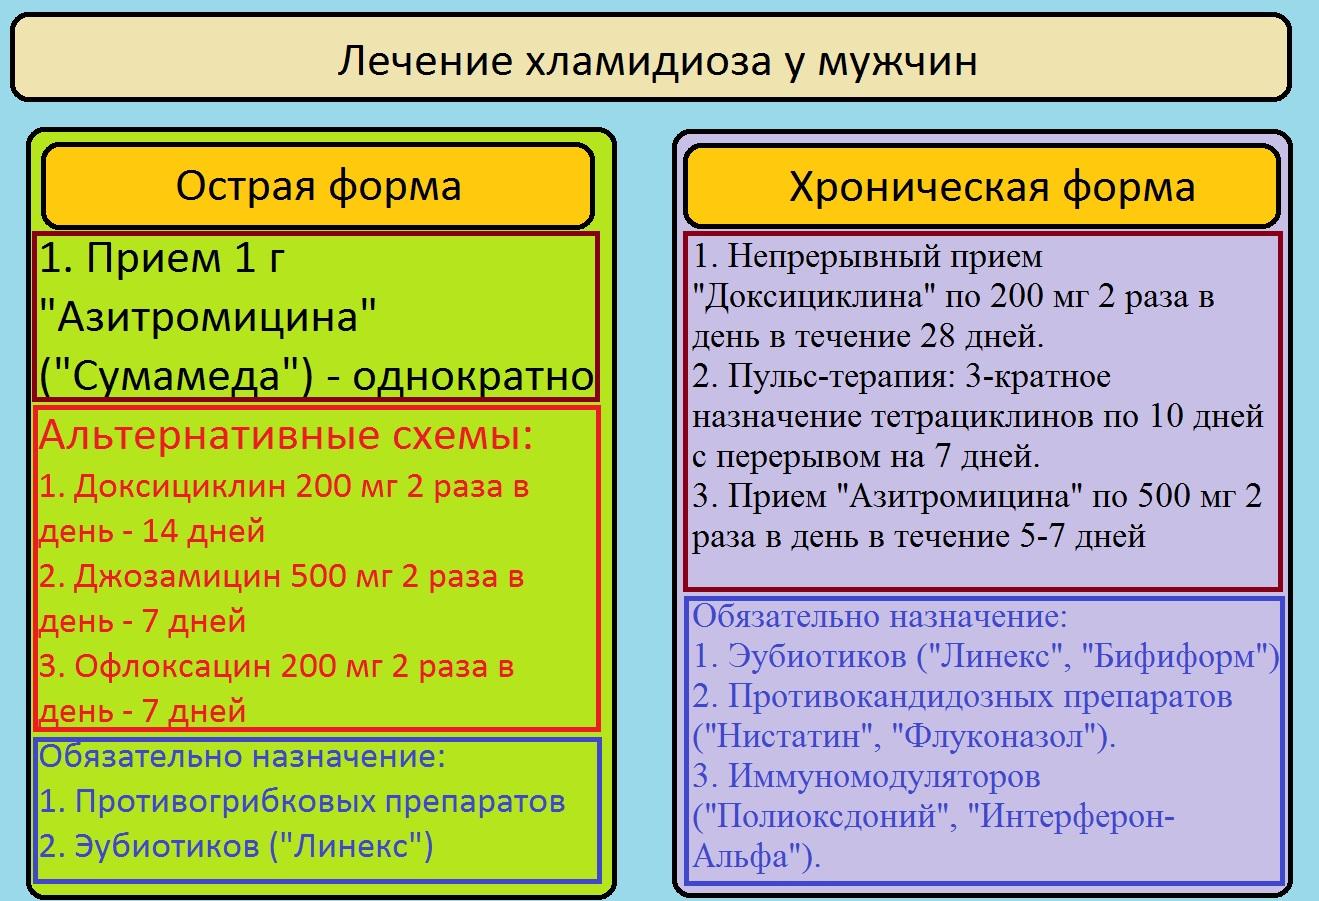 Схема лечения хламидиоза у мужчин